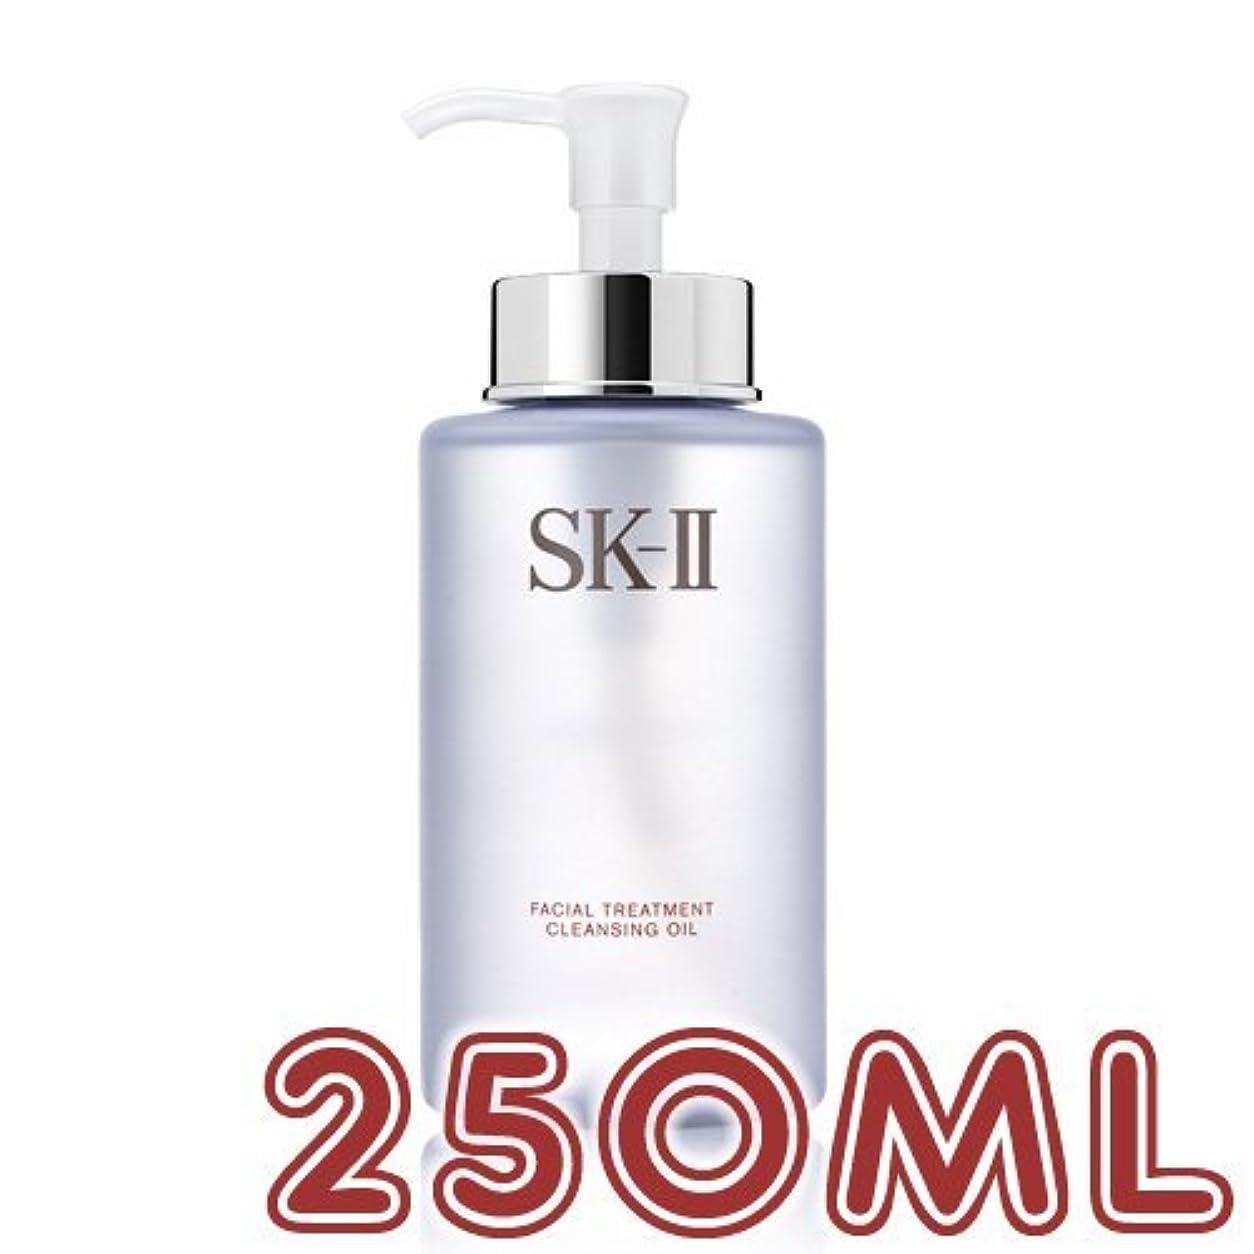 含意大気旅行者【SK-II】 フェイシャルトリートメントクレンジングオイル 250ml(並行輸入品)